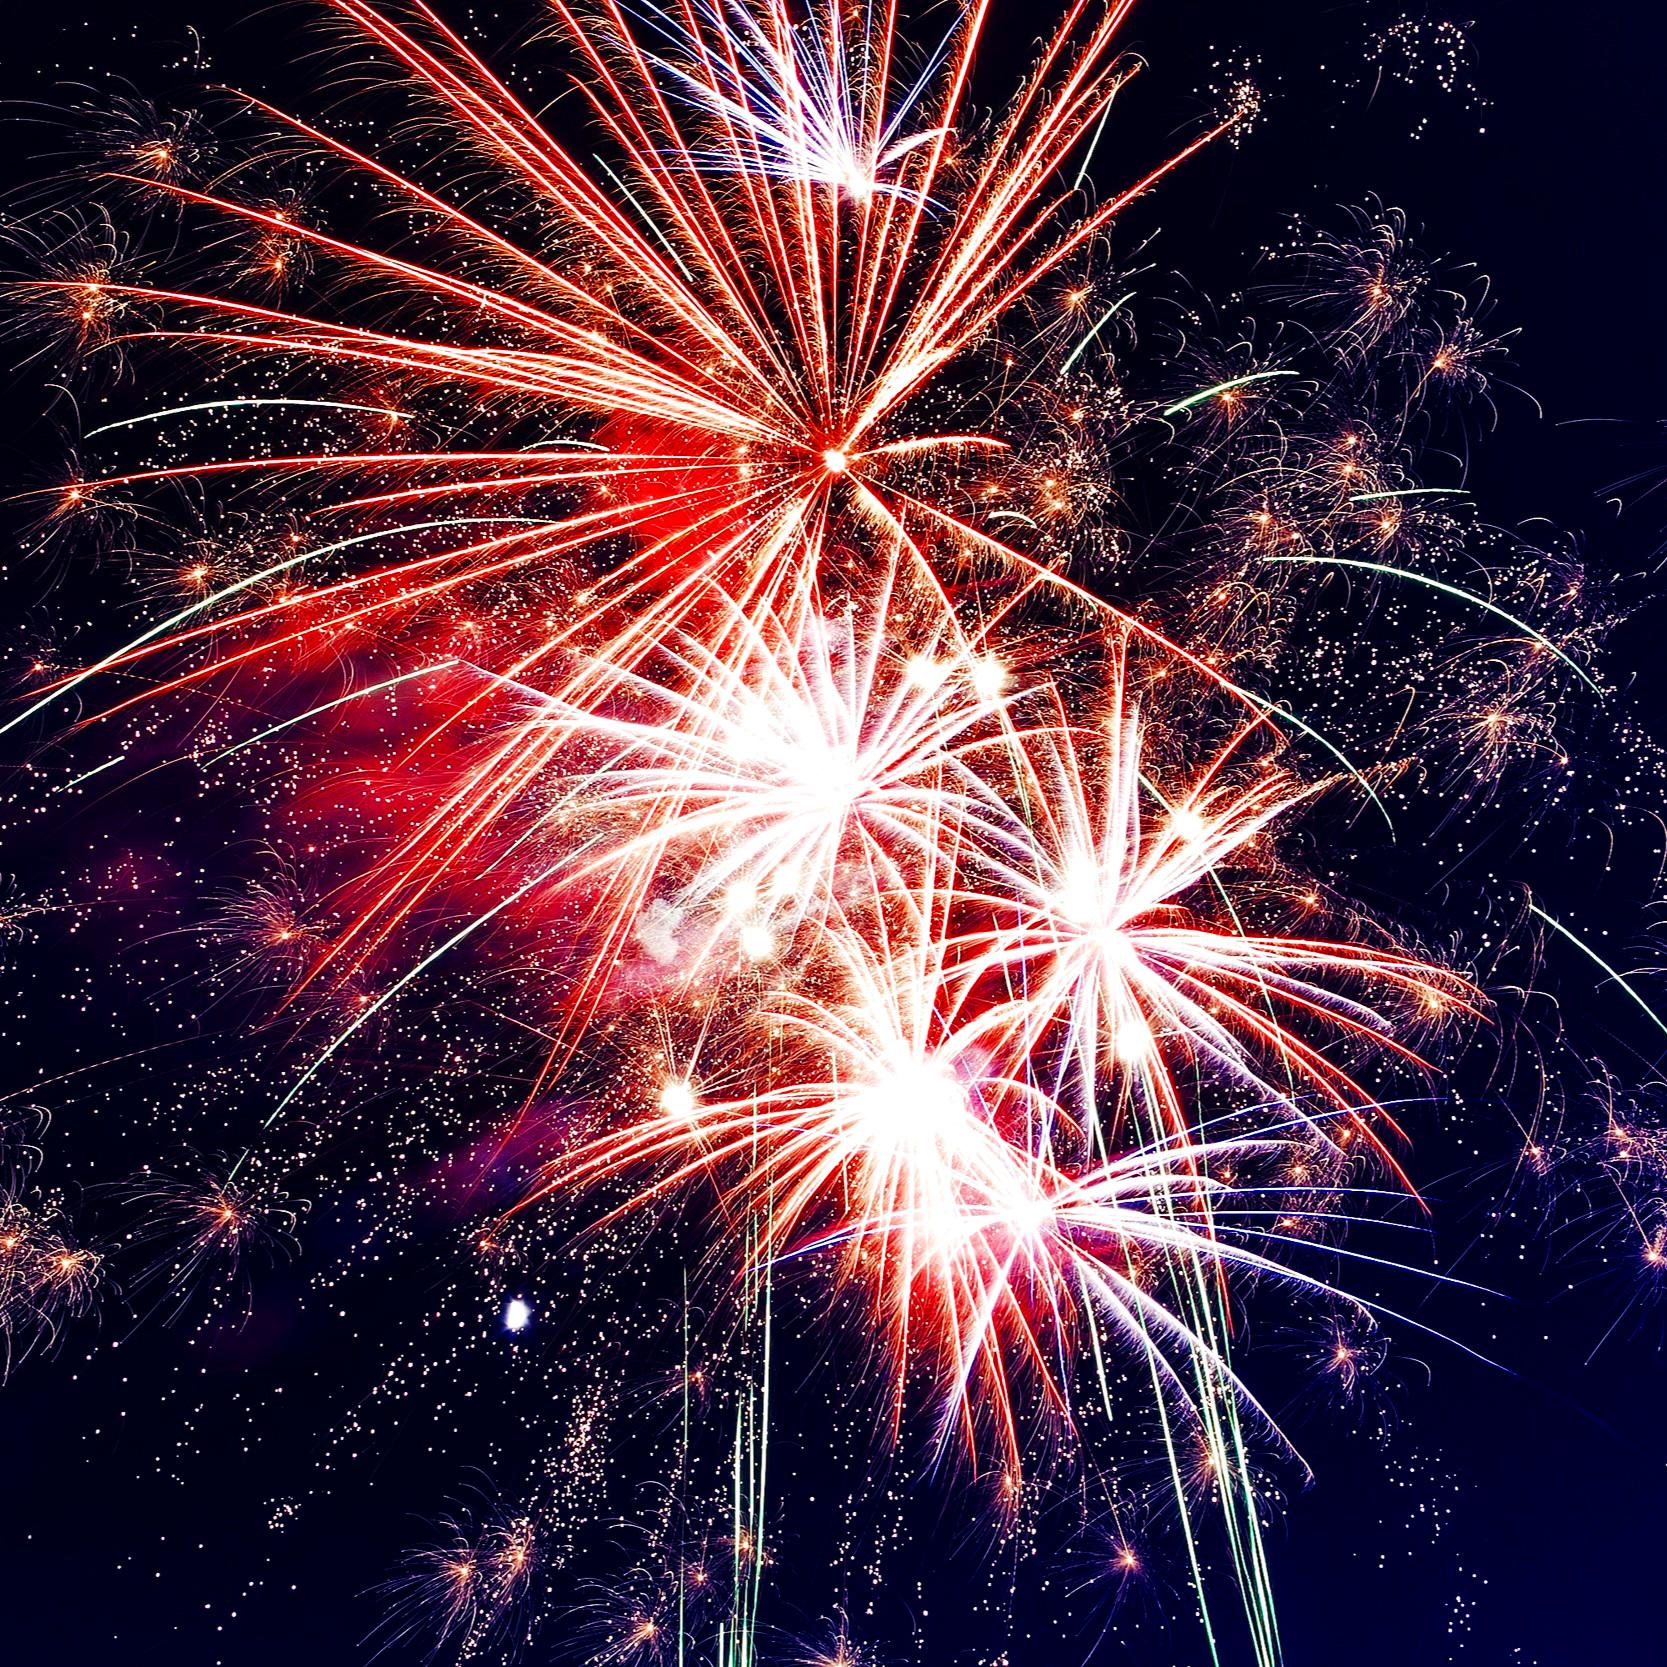 Fireworks%2B01.jpg